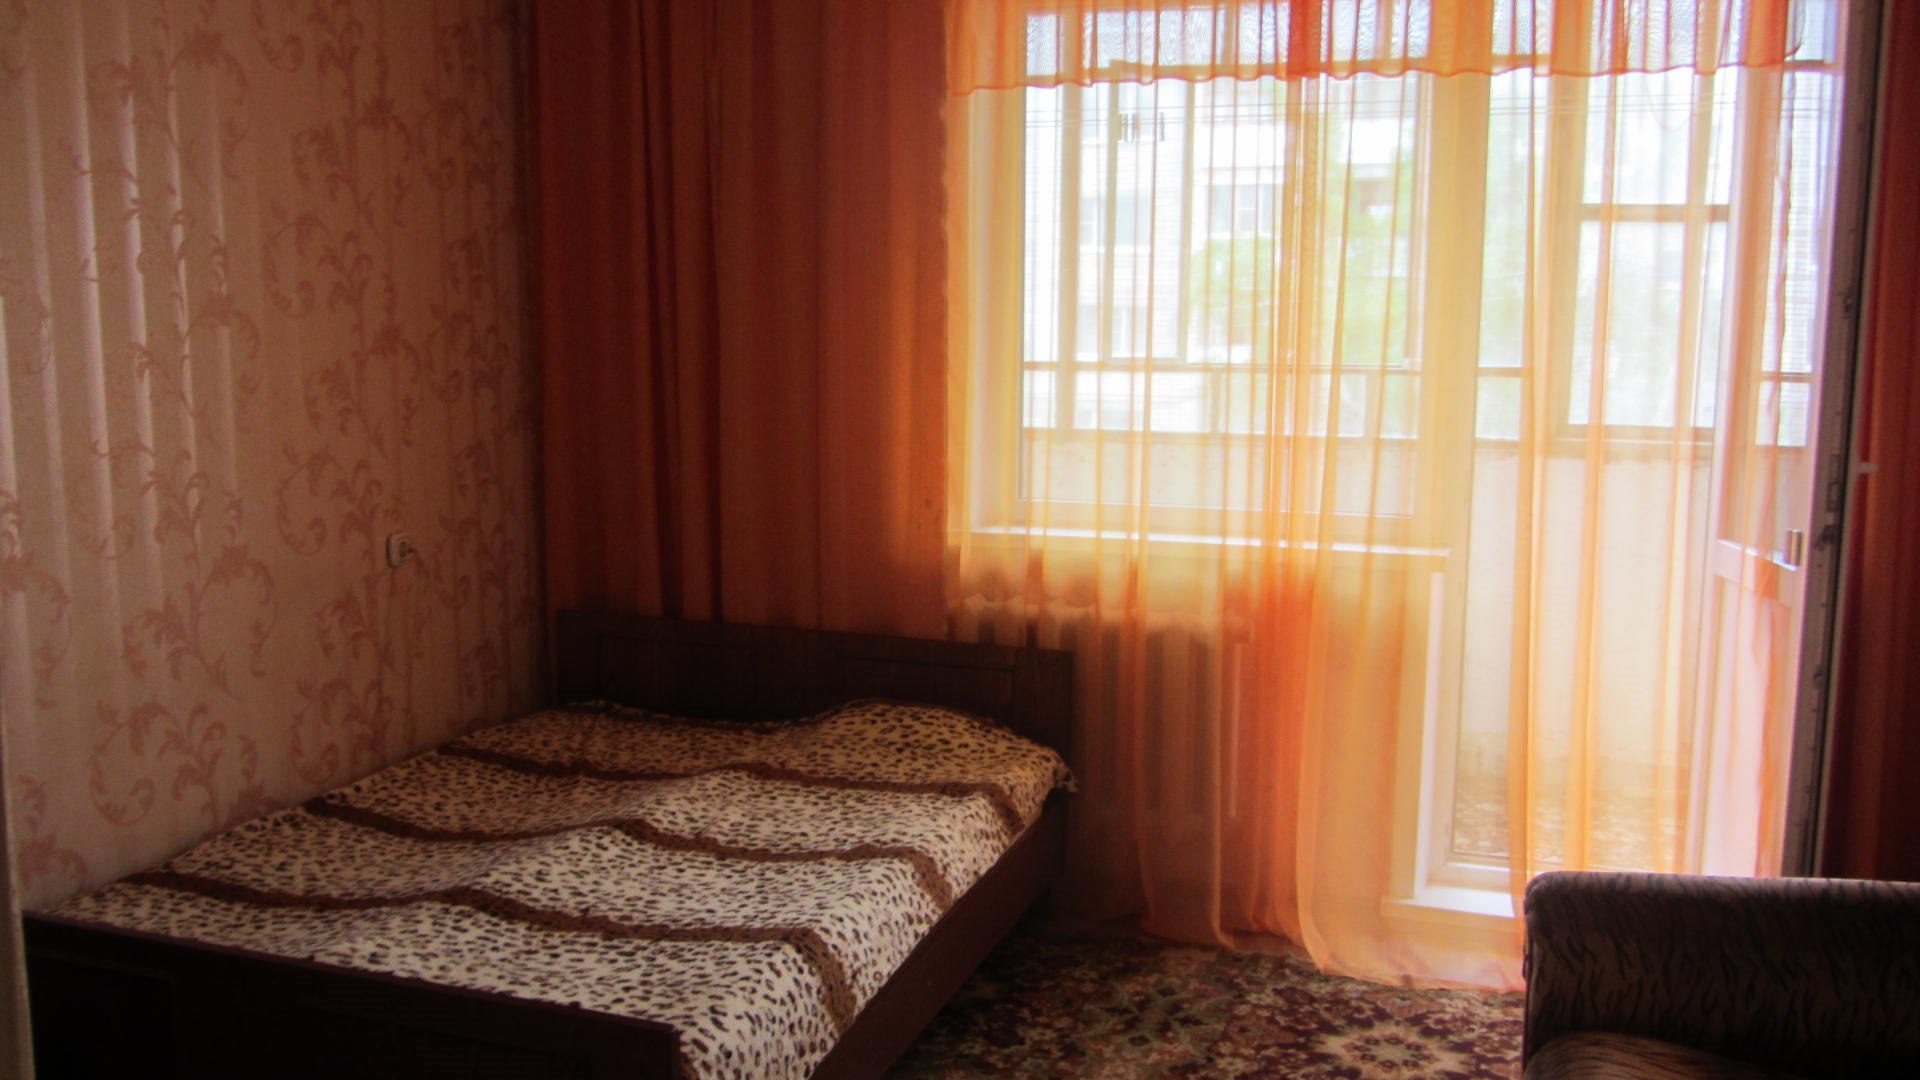 Яровое алтайский край снять жилье фото